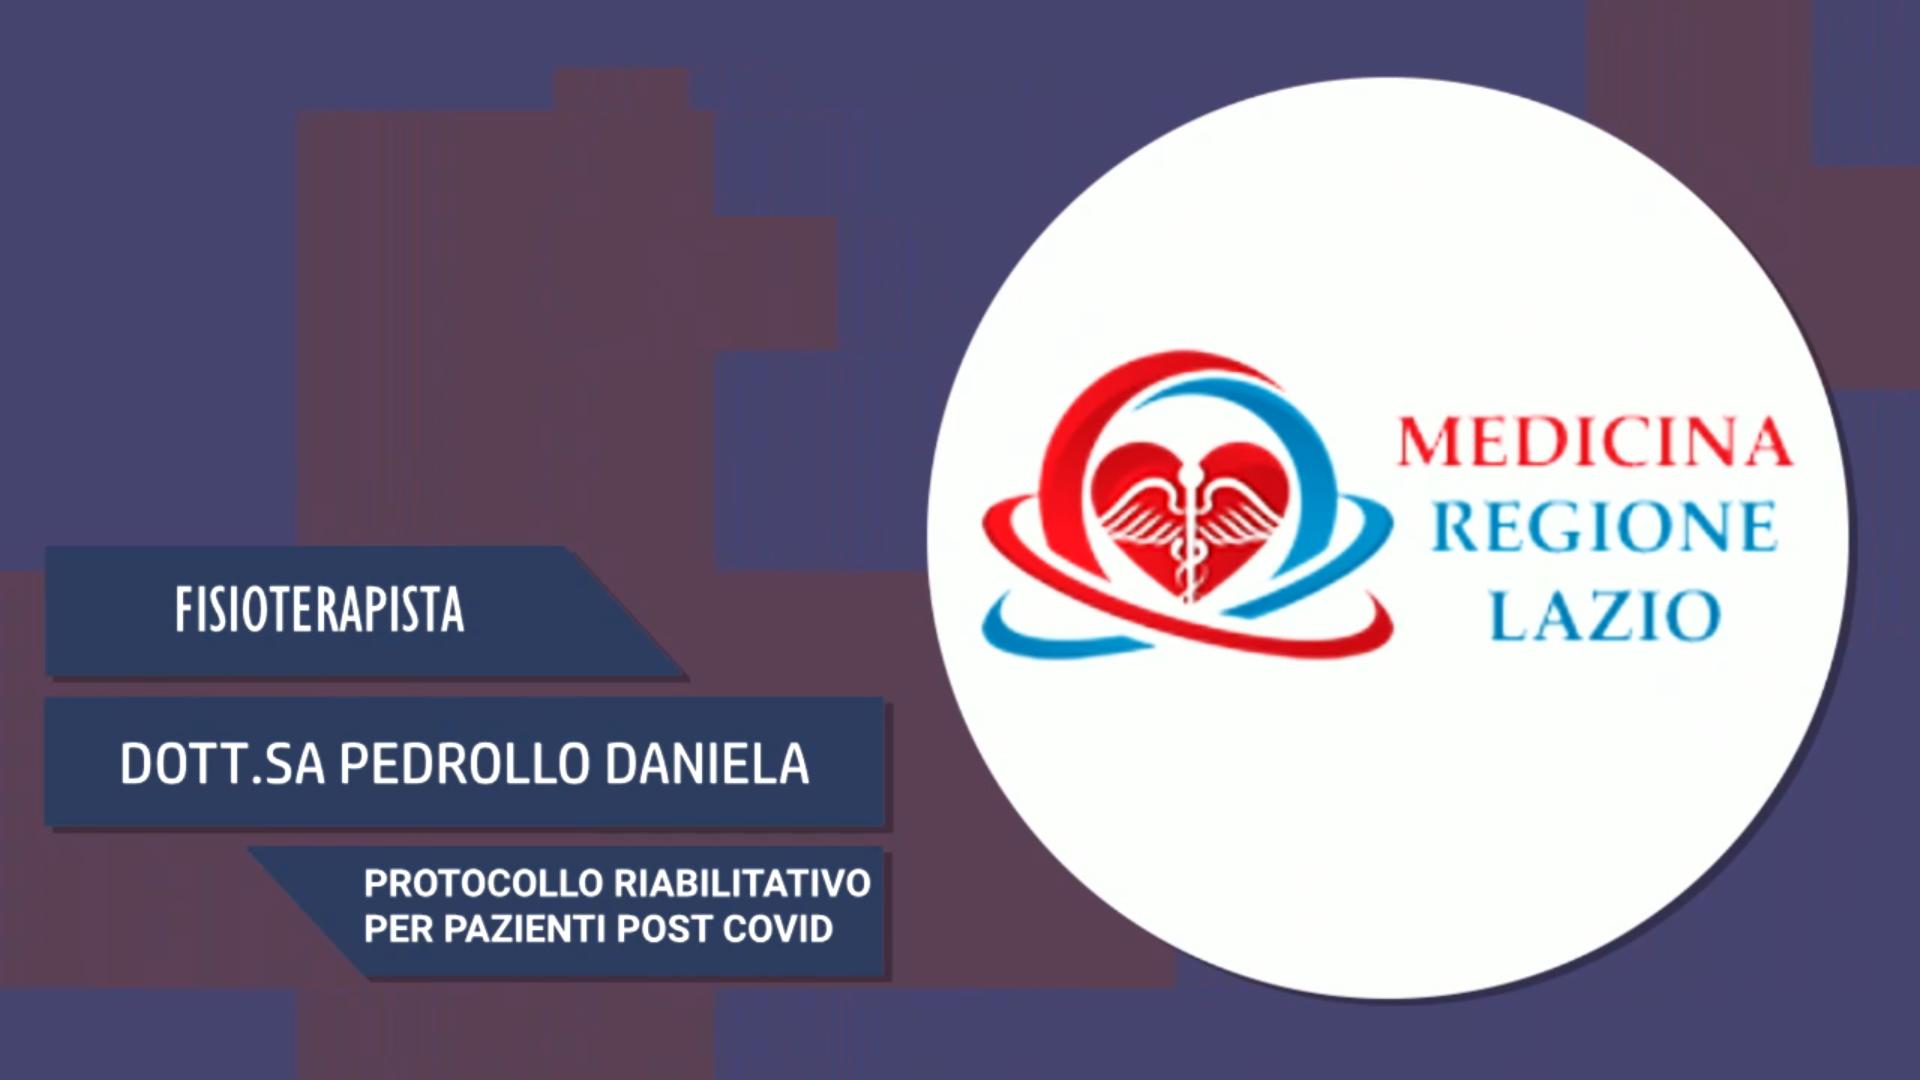 Intervista al Dott.ssa Pedrollo Daniela – Protocollo riabilitativo per pazienti post covid